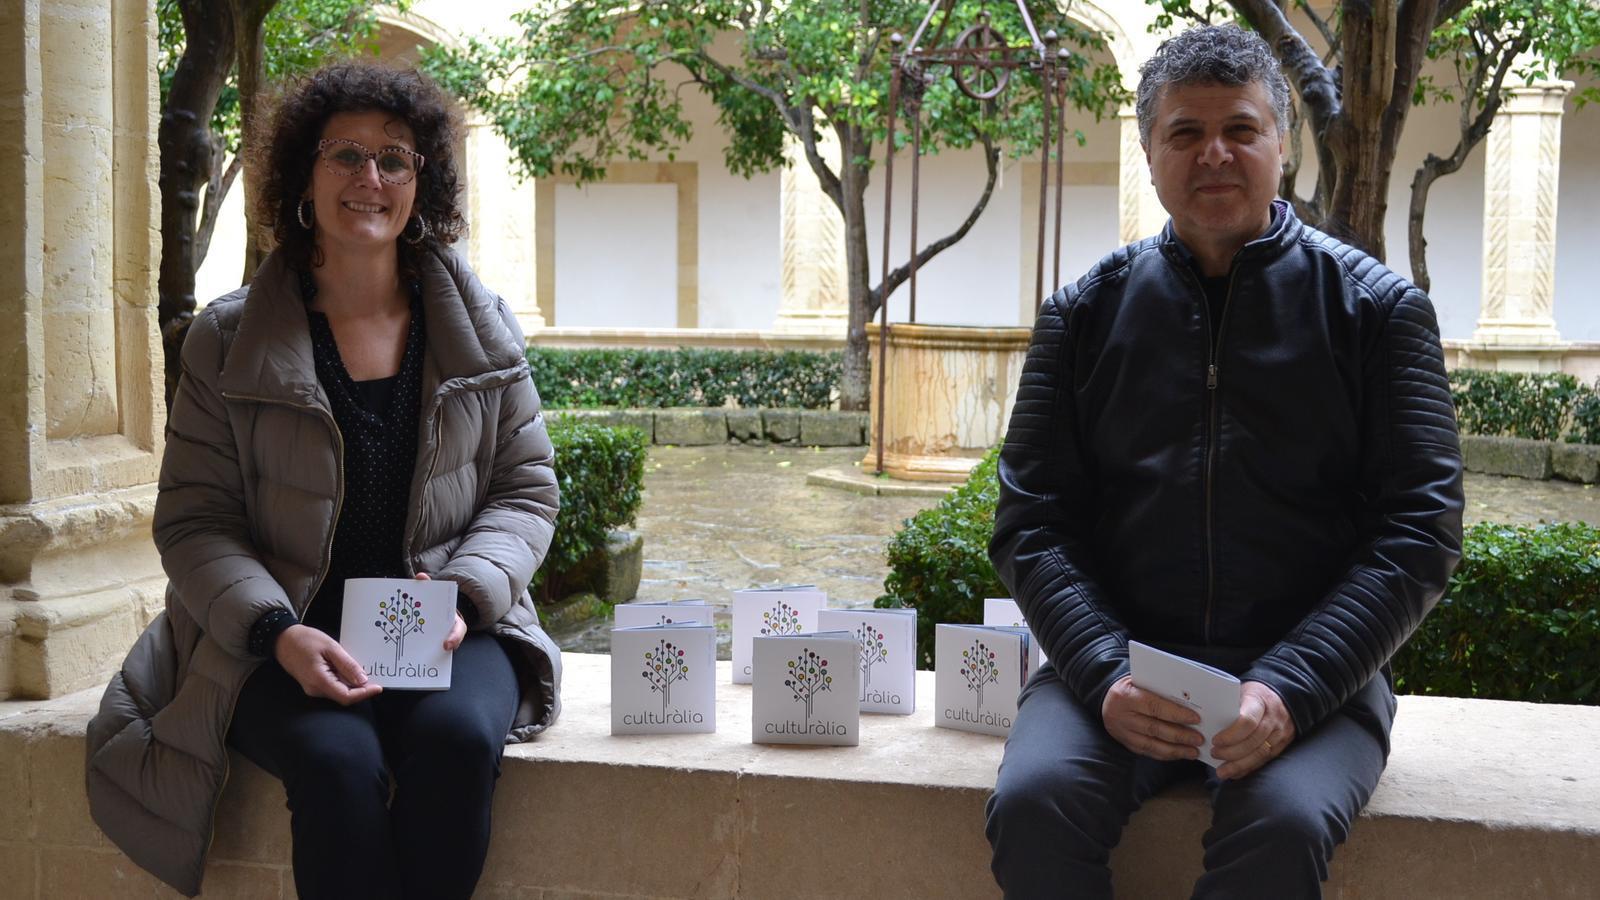 La regidora de Cultura, Antònia Llodrà, i el tècnic Llorenç Carreras, durant la presentació de Culturàlia.